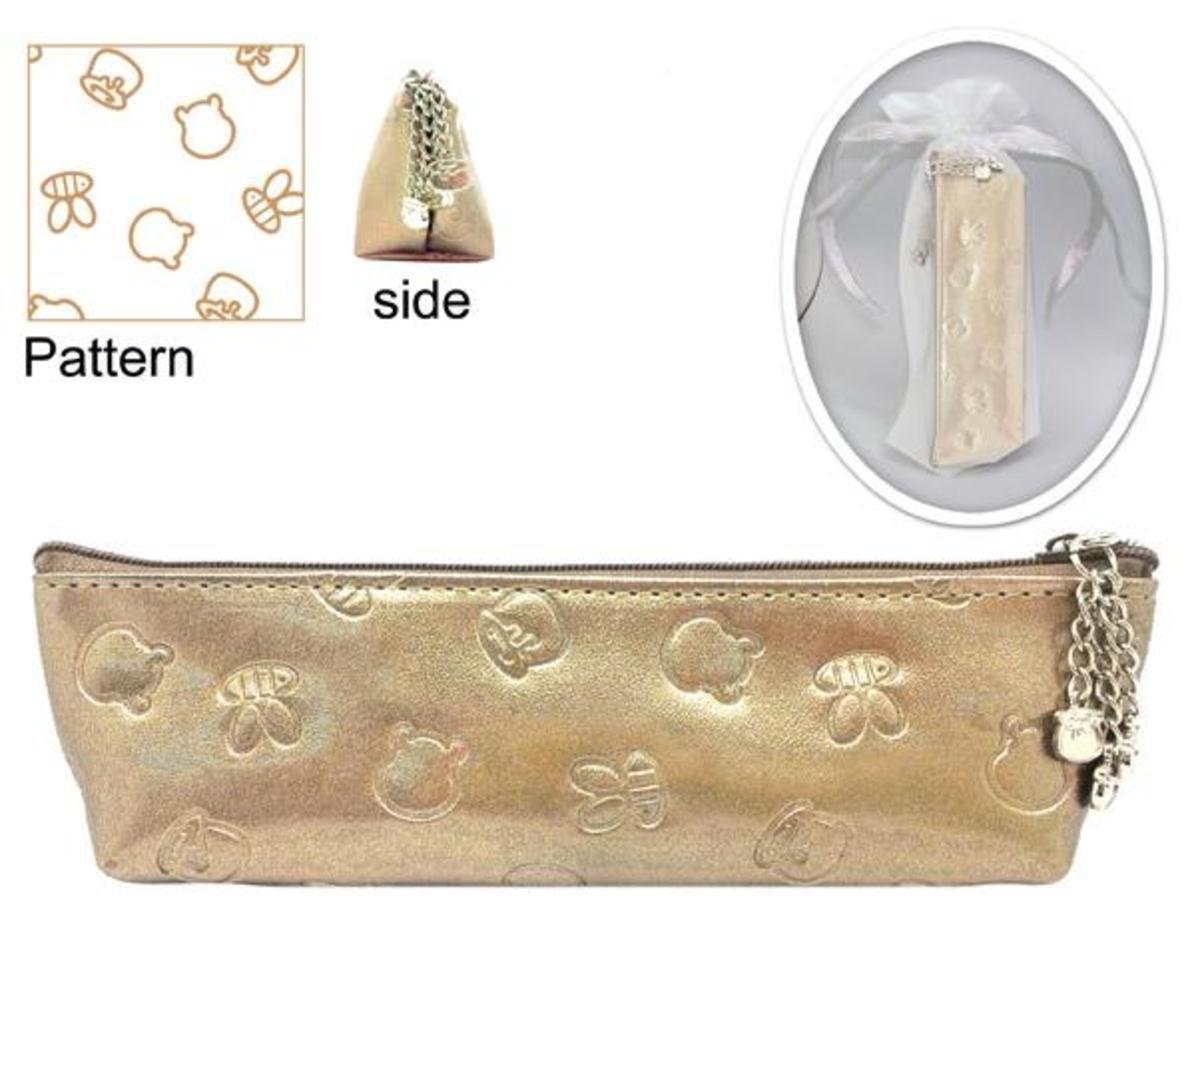 小熊維尼 PU 筆袋型化妝包 (香檳金)